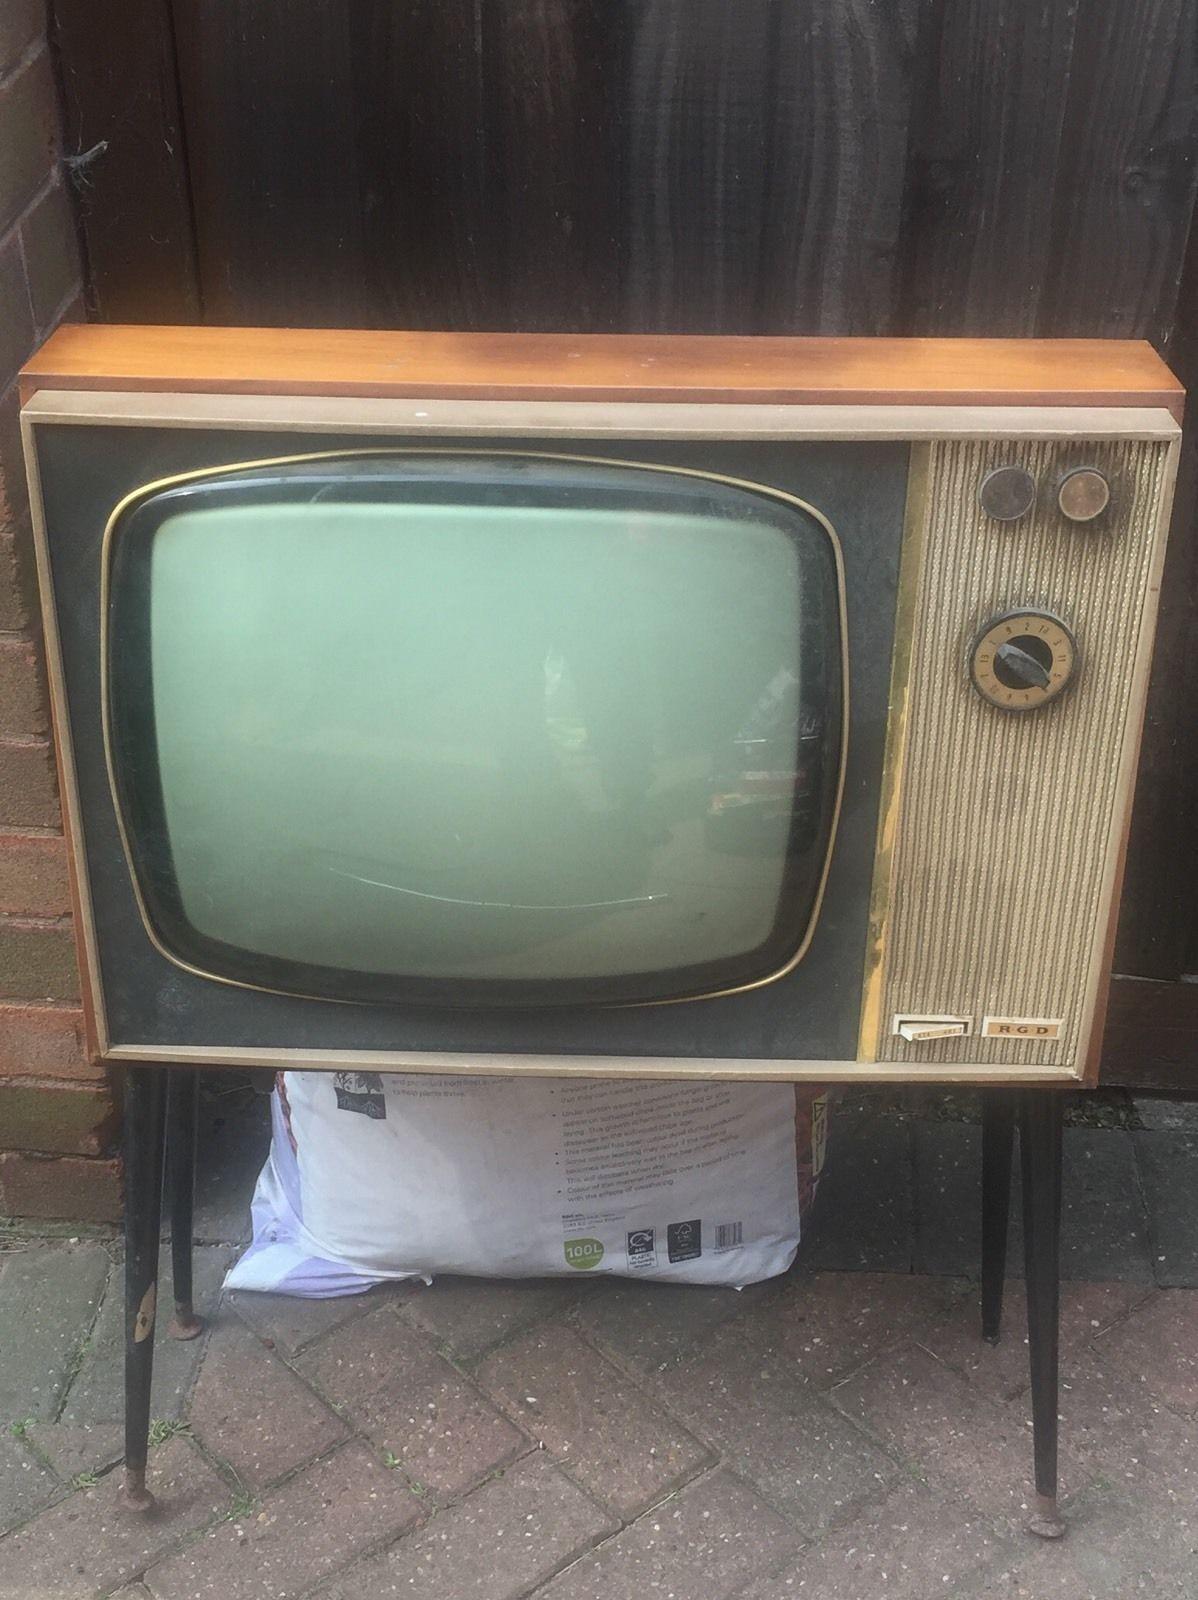 Vintage Rgd 626 Television Set 1960s Tv Props Vintage Radio